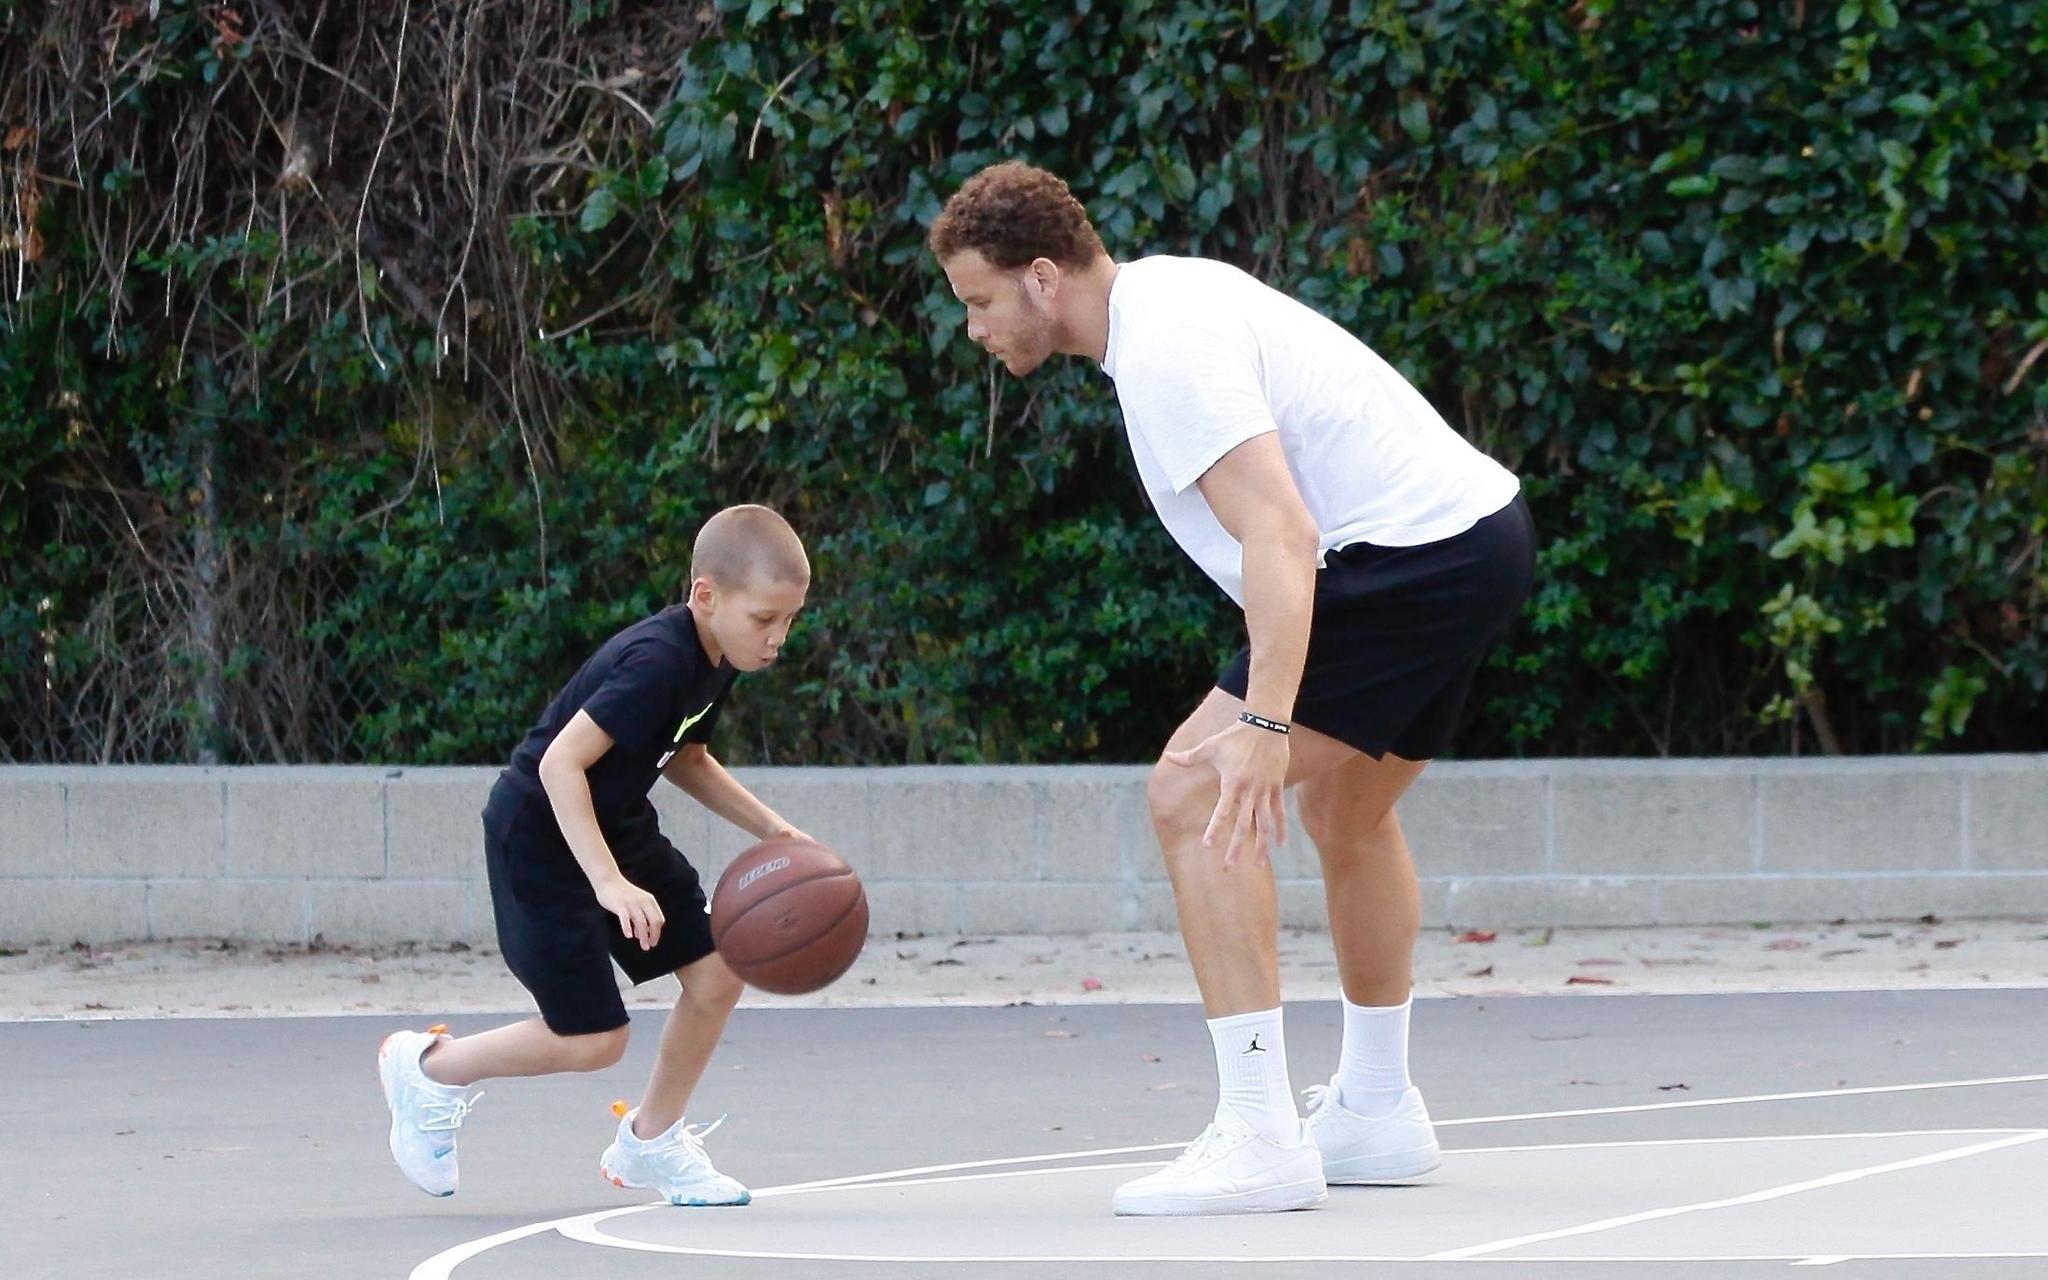 疫情期间,格里芬带着儿子在户外球场练习。图/视觉中国